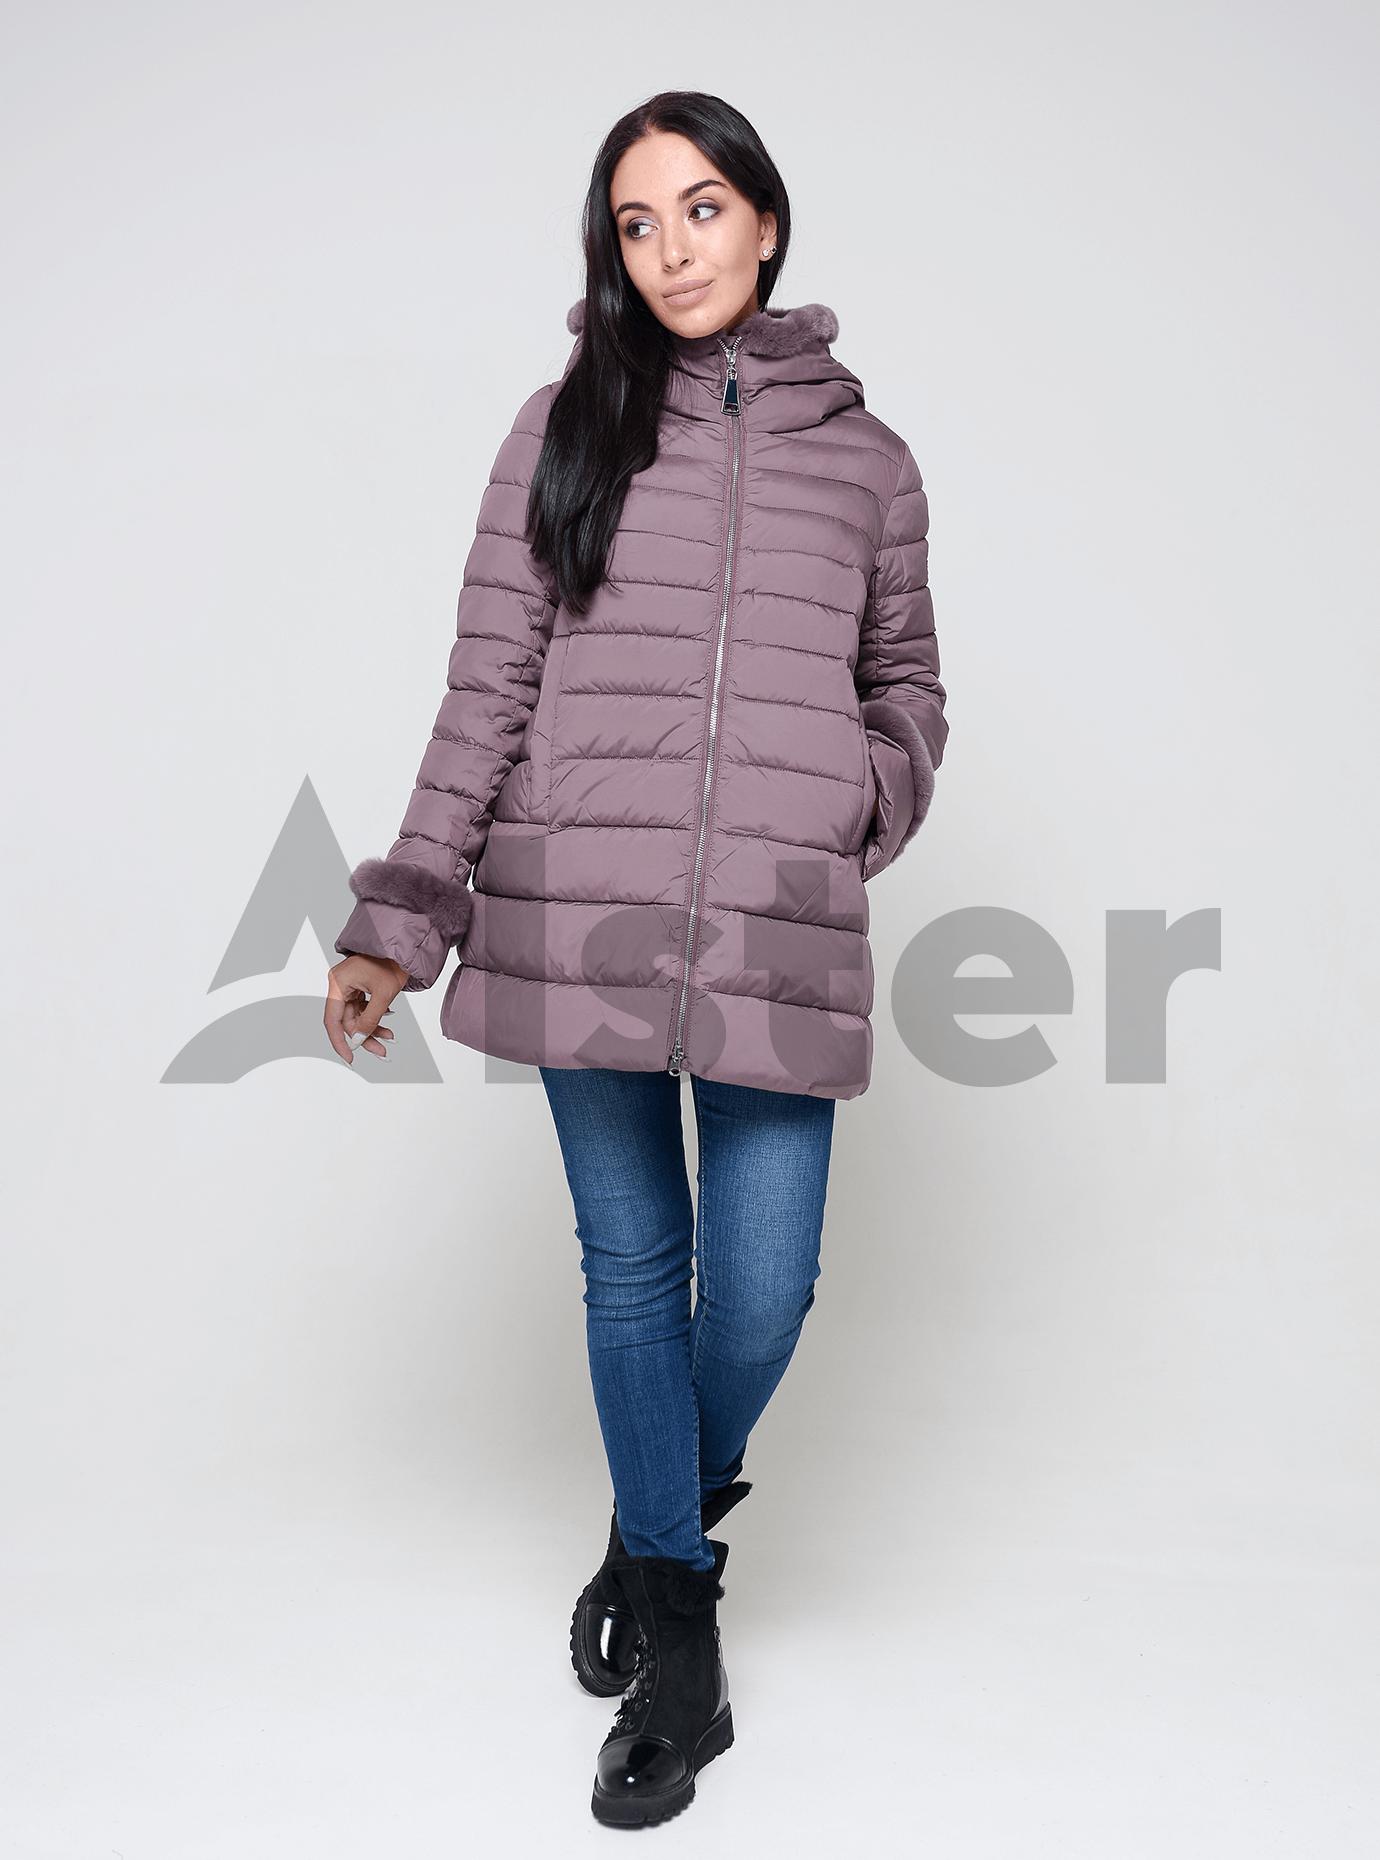 Куртка женская зимняя с мехом кролика Чёрный 56 (02-4650): фото - Alster.ua